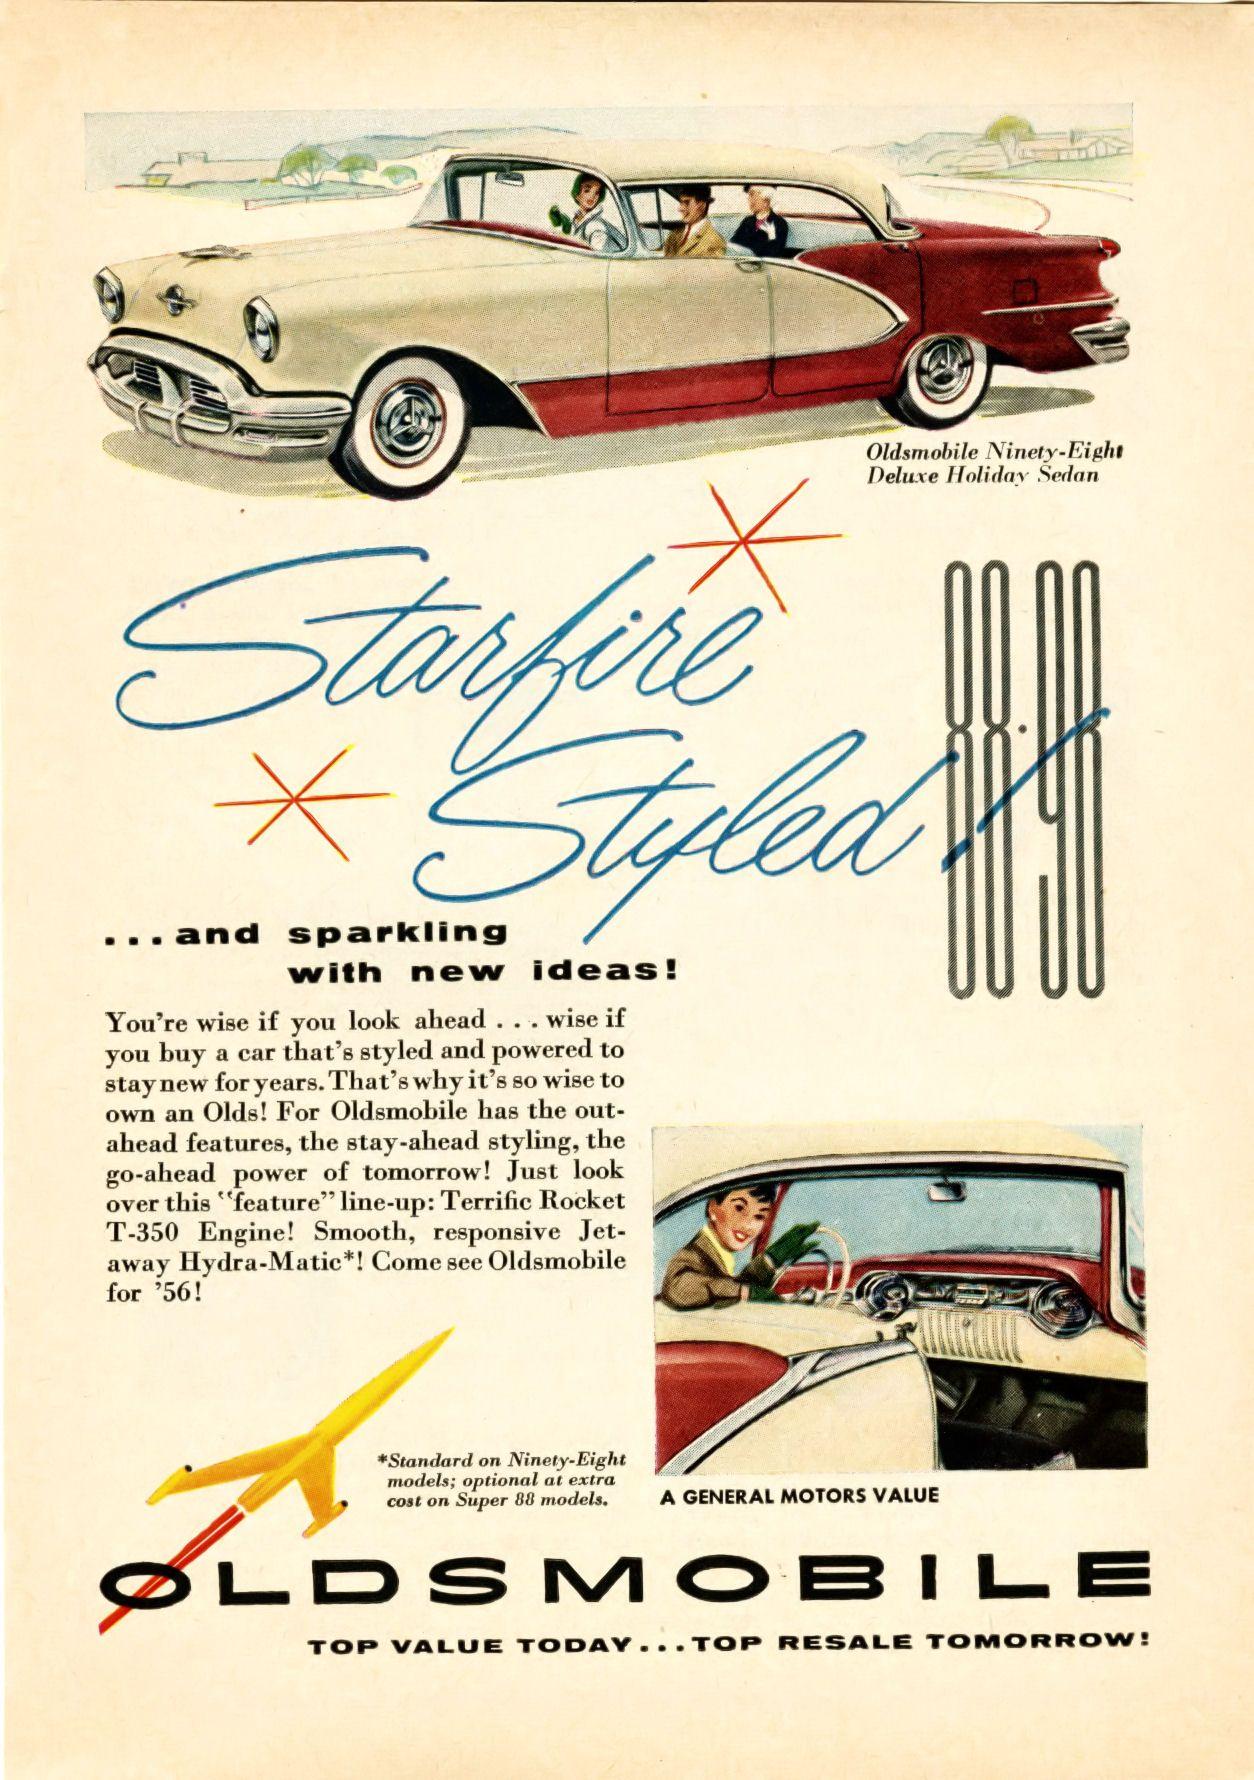 1956 Oldsmobile Ad-01   Vintage GM   Pinterest   Sedans, Ads and Cars